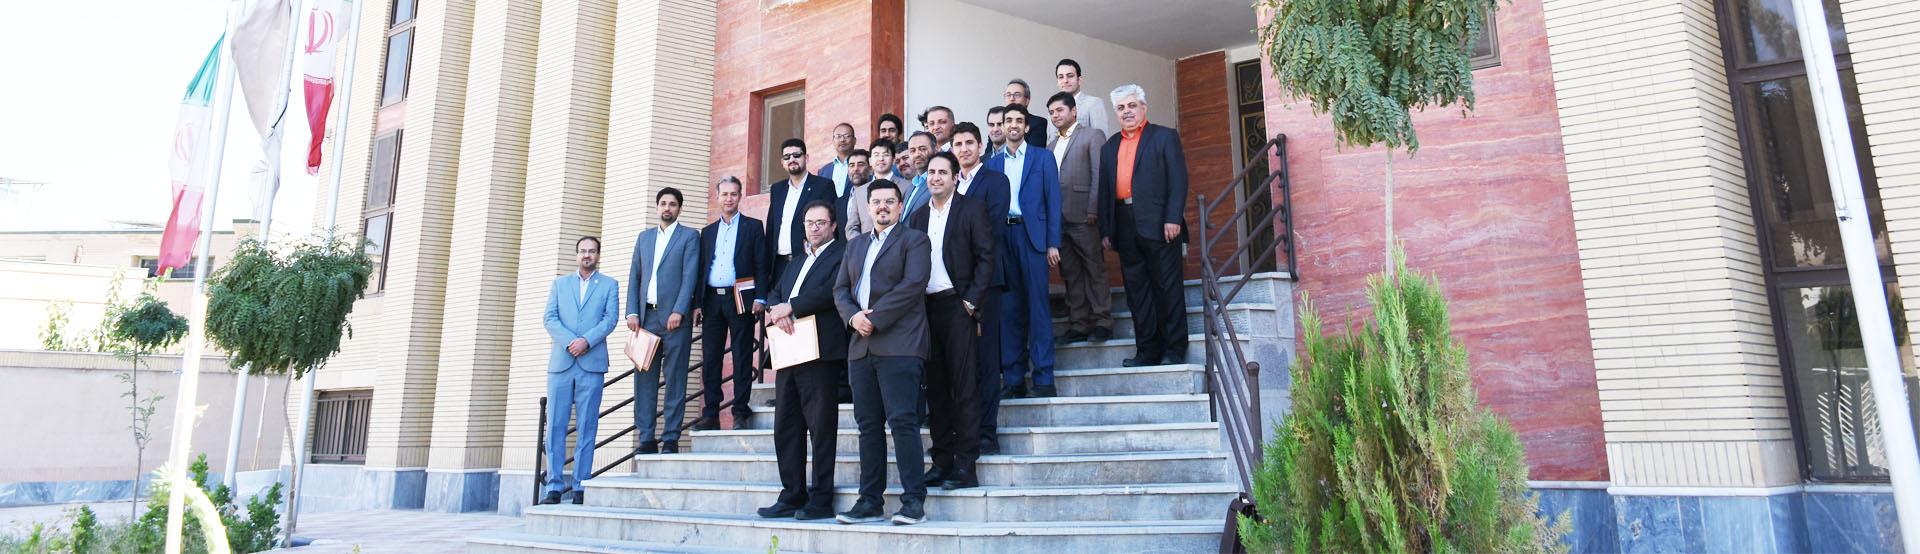 نشست مدیران حقوقی مراکز آموزش عالی منطقه 9 کشور به میزبانی پارک علم و فناوری خراسان جنوبی و دانشگاه صنعتی بیرجند